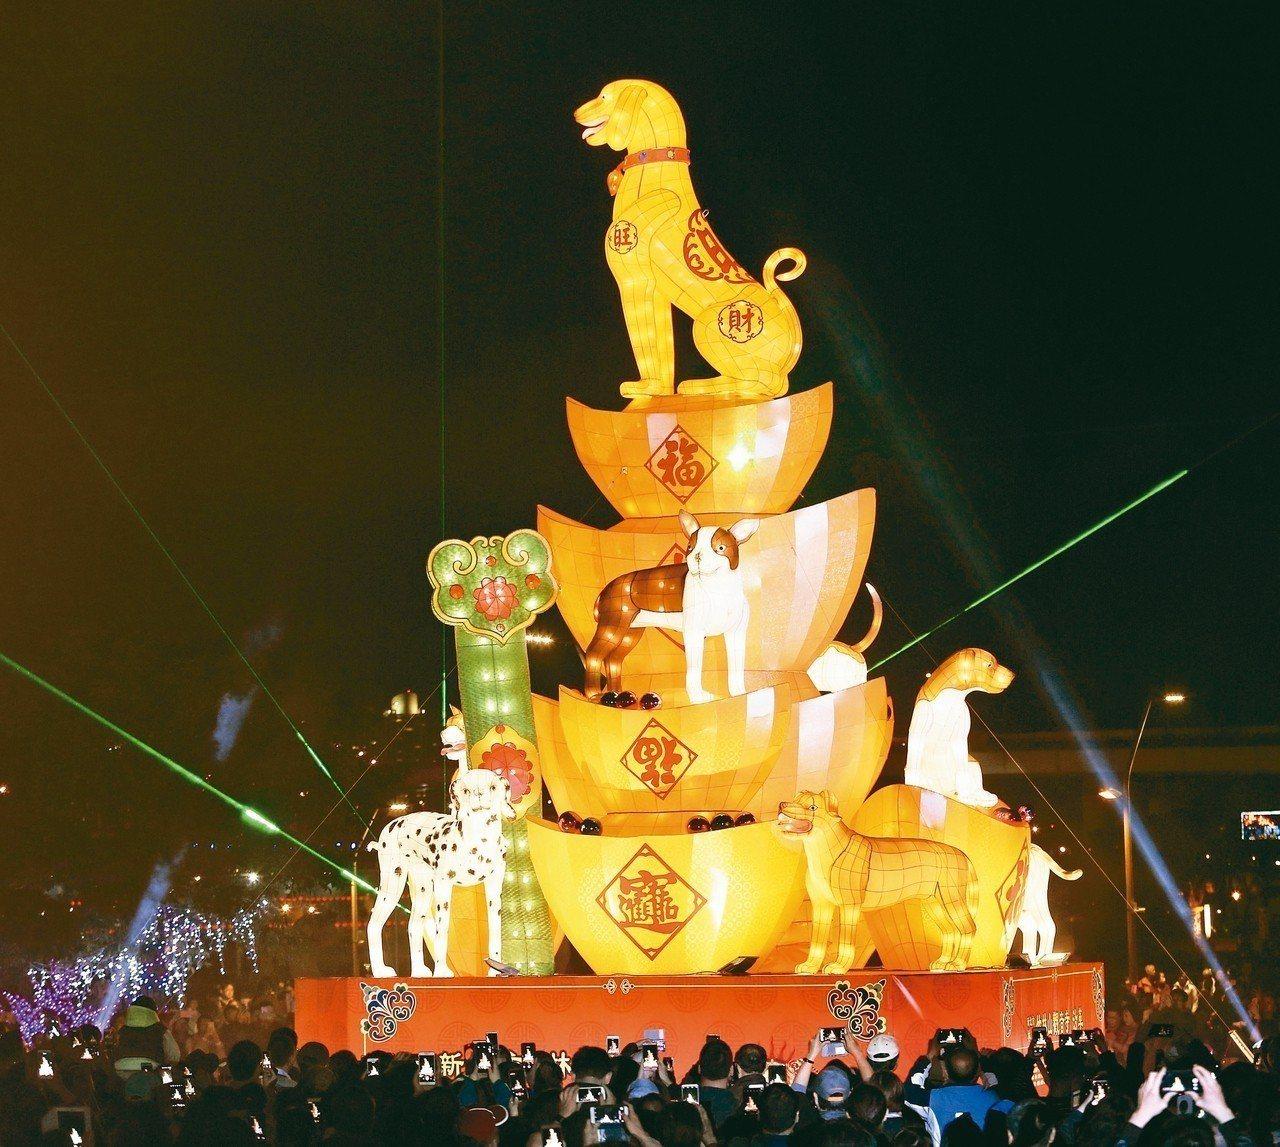 新北市祈福燈會昨晚點燈,「金犬福旺」主燈,高八米、共九隻不同金色狗及金元寶,閃耀...